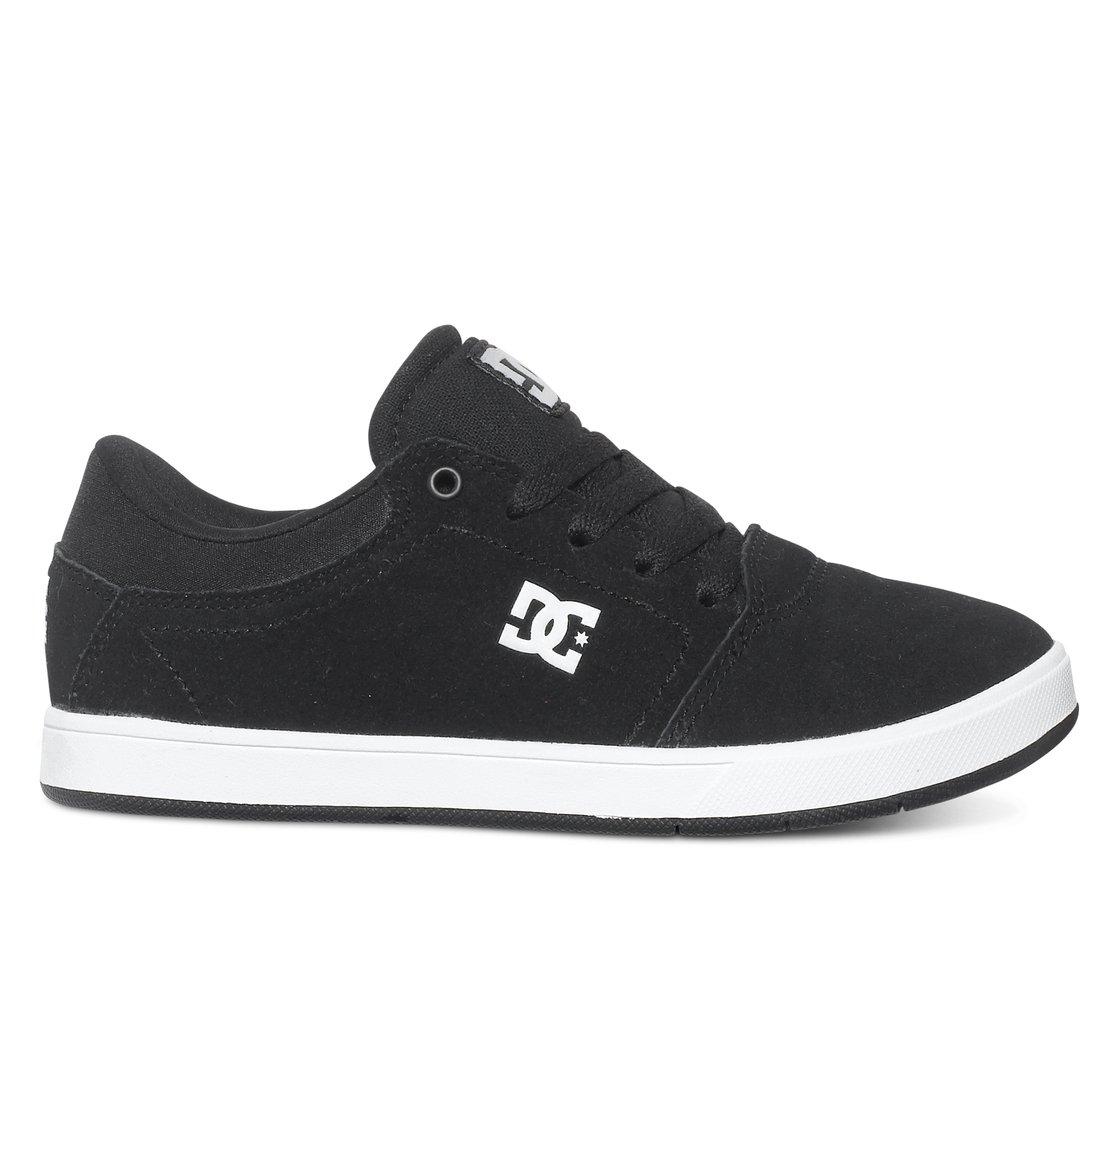 Crisis - Dcshoes������ ���� ��� ��������� Crisis �� DC Shoes � ������� �� ��������� ����� 2015�. ��������������: ������� �������� ����, ��������������� ���, �������� ����������� �������.<br>